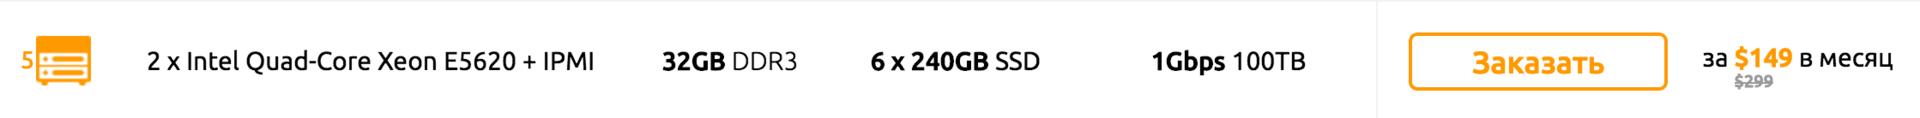 Cерверы с «устаревшими» CPU или более высокая цена? Мы нашли компромисс! 2 x E5620 - 32GB DDR3 - 6 x 240GB SSD - 1Gbps? - 3